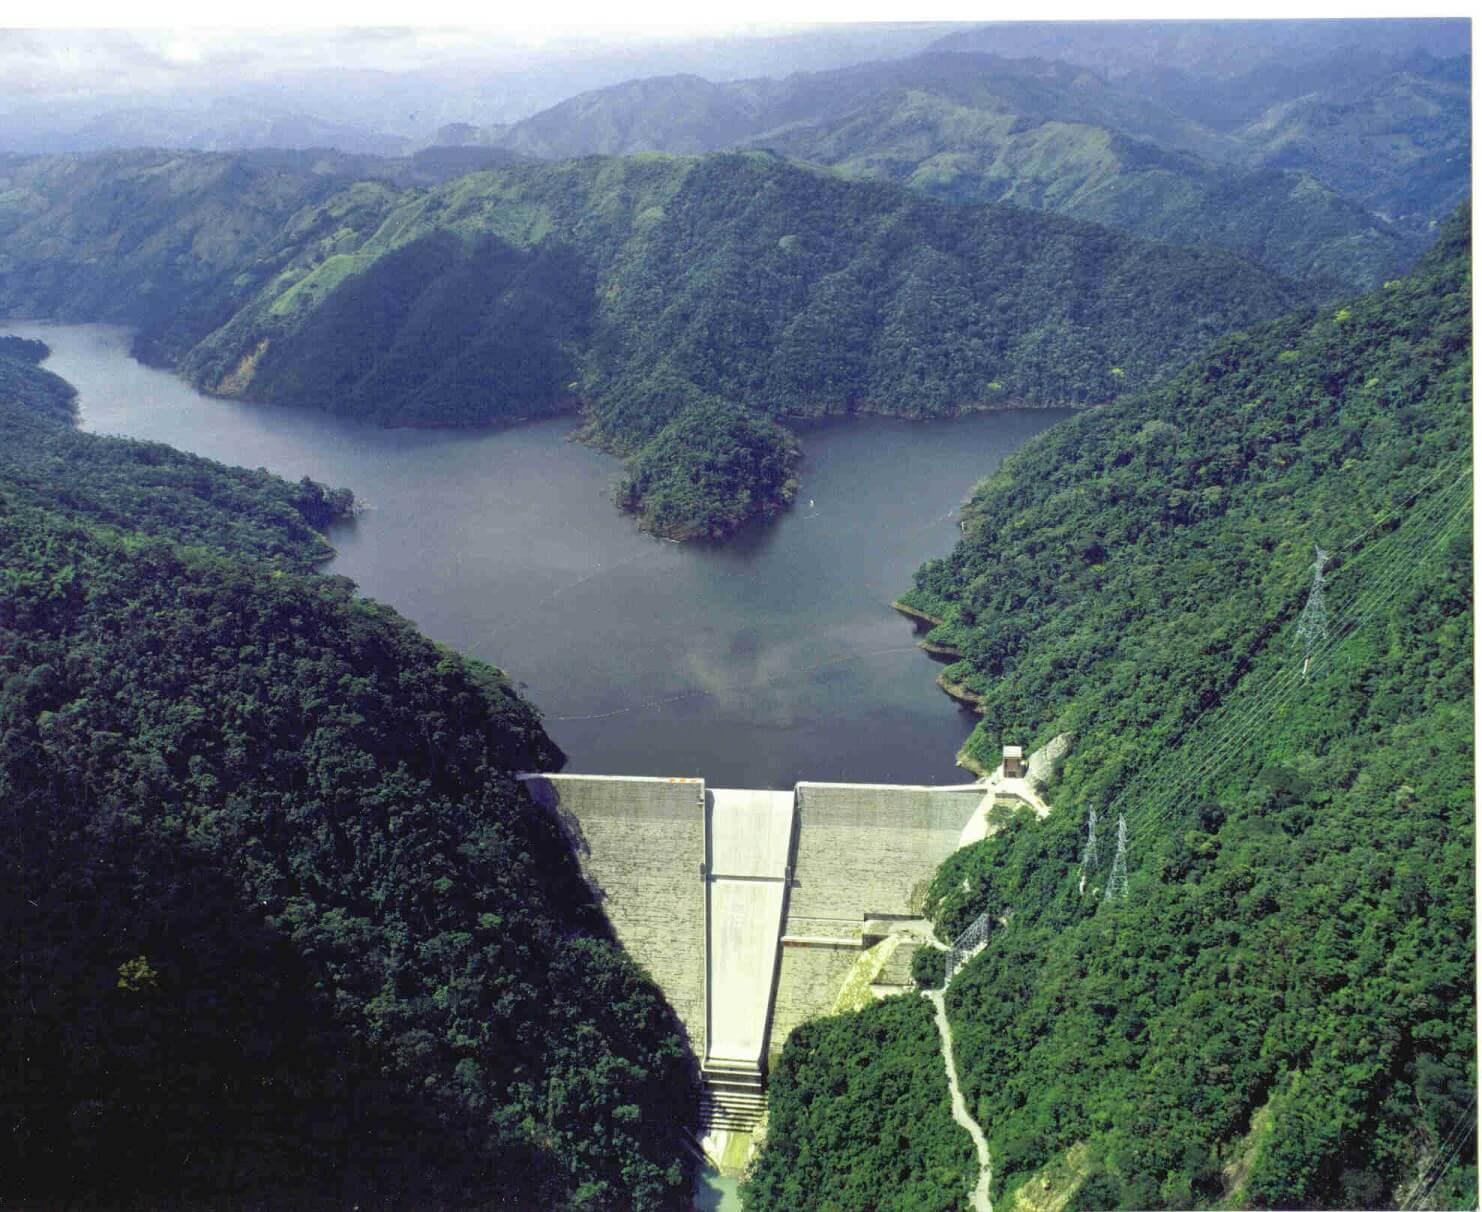 L'Energia del Cile verrà prodotta dalle onde dell'oceano pacifico?